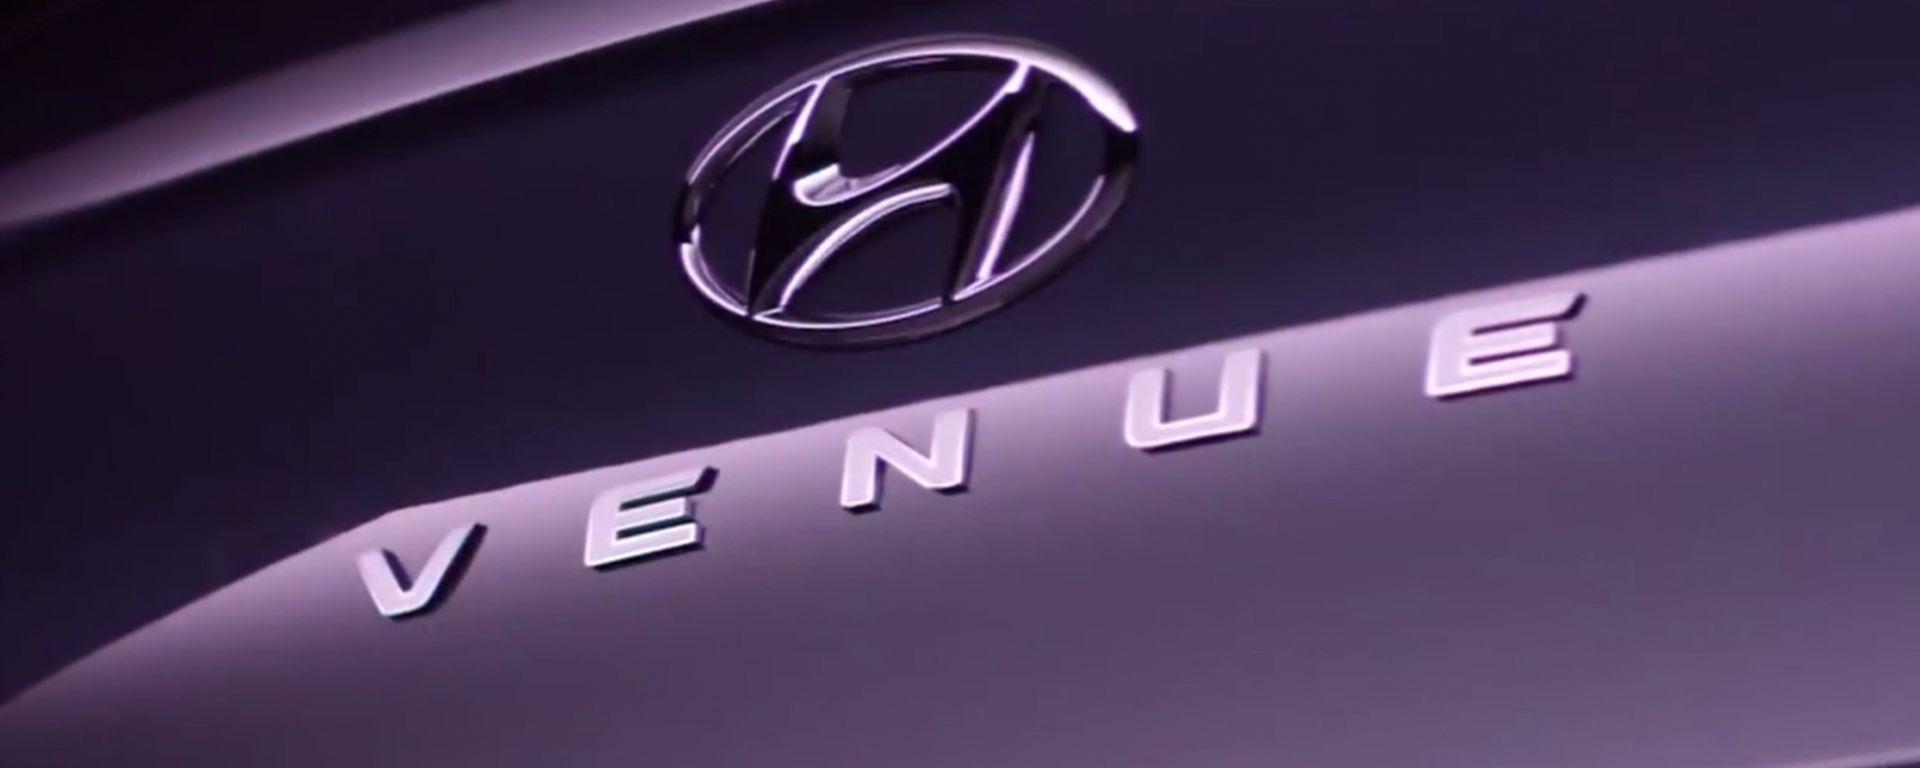 Hyundai Venue: in arrivo una crossover più compatta della Kona